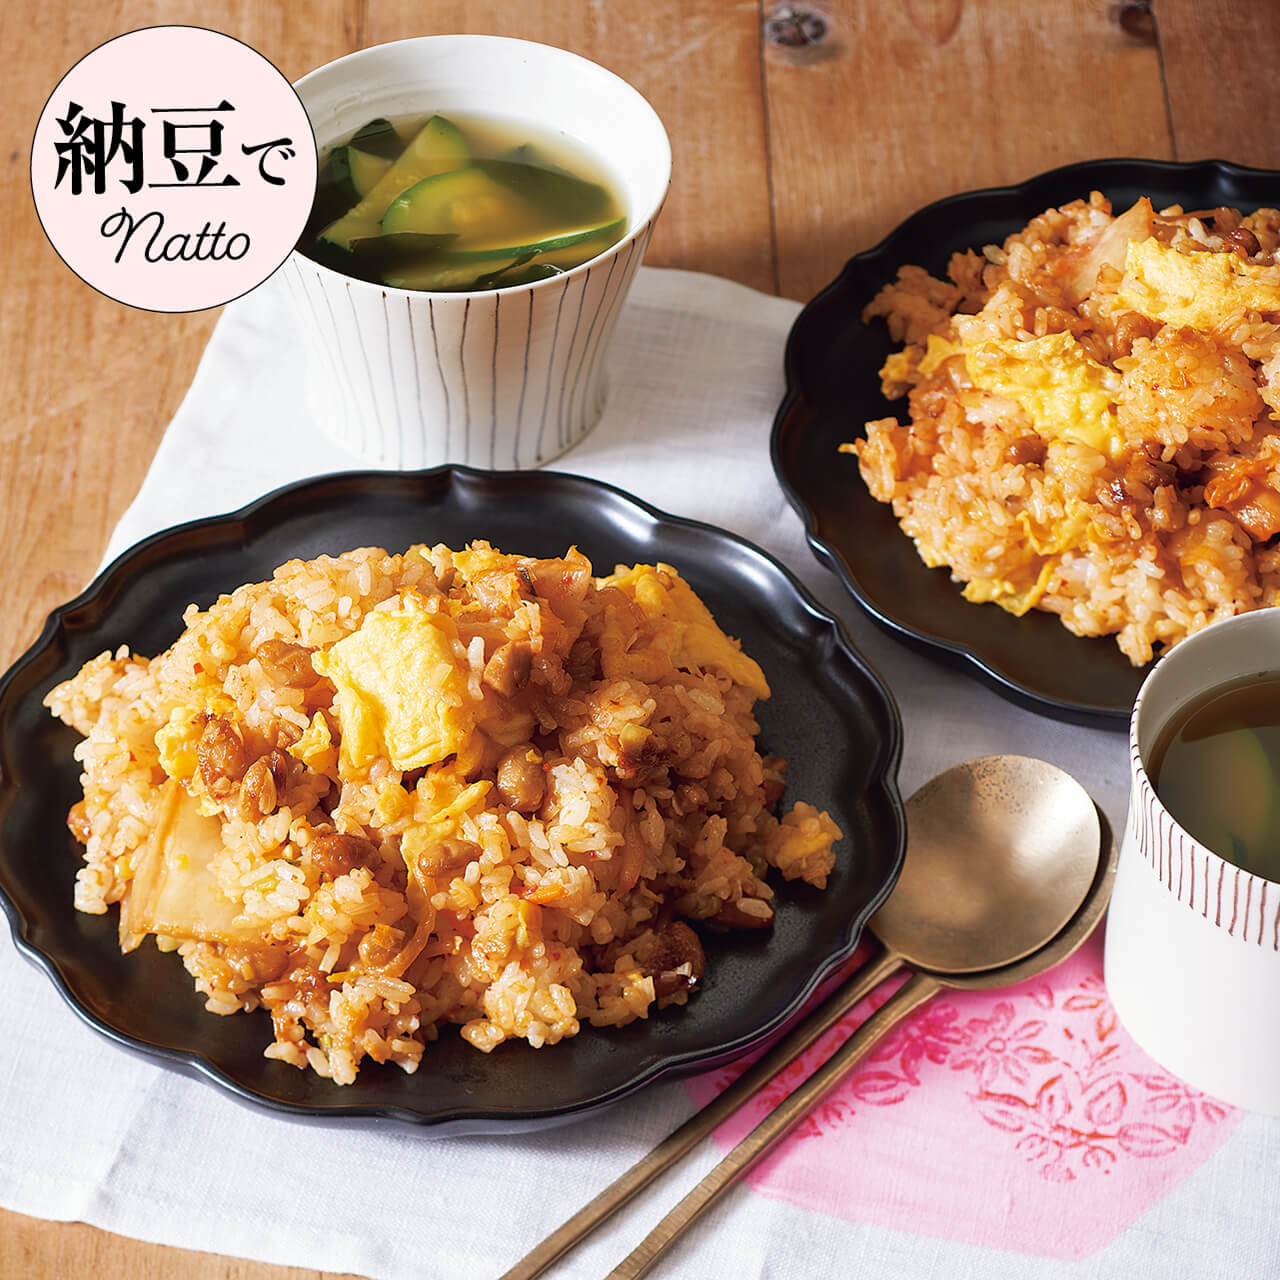 炒めた納豆の香ばしさがアクセント!「納豆とキムチのチャーハン」レシピ/市瀬悦子さん